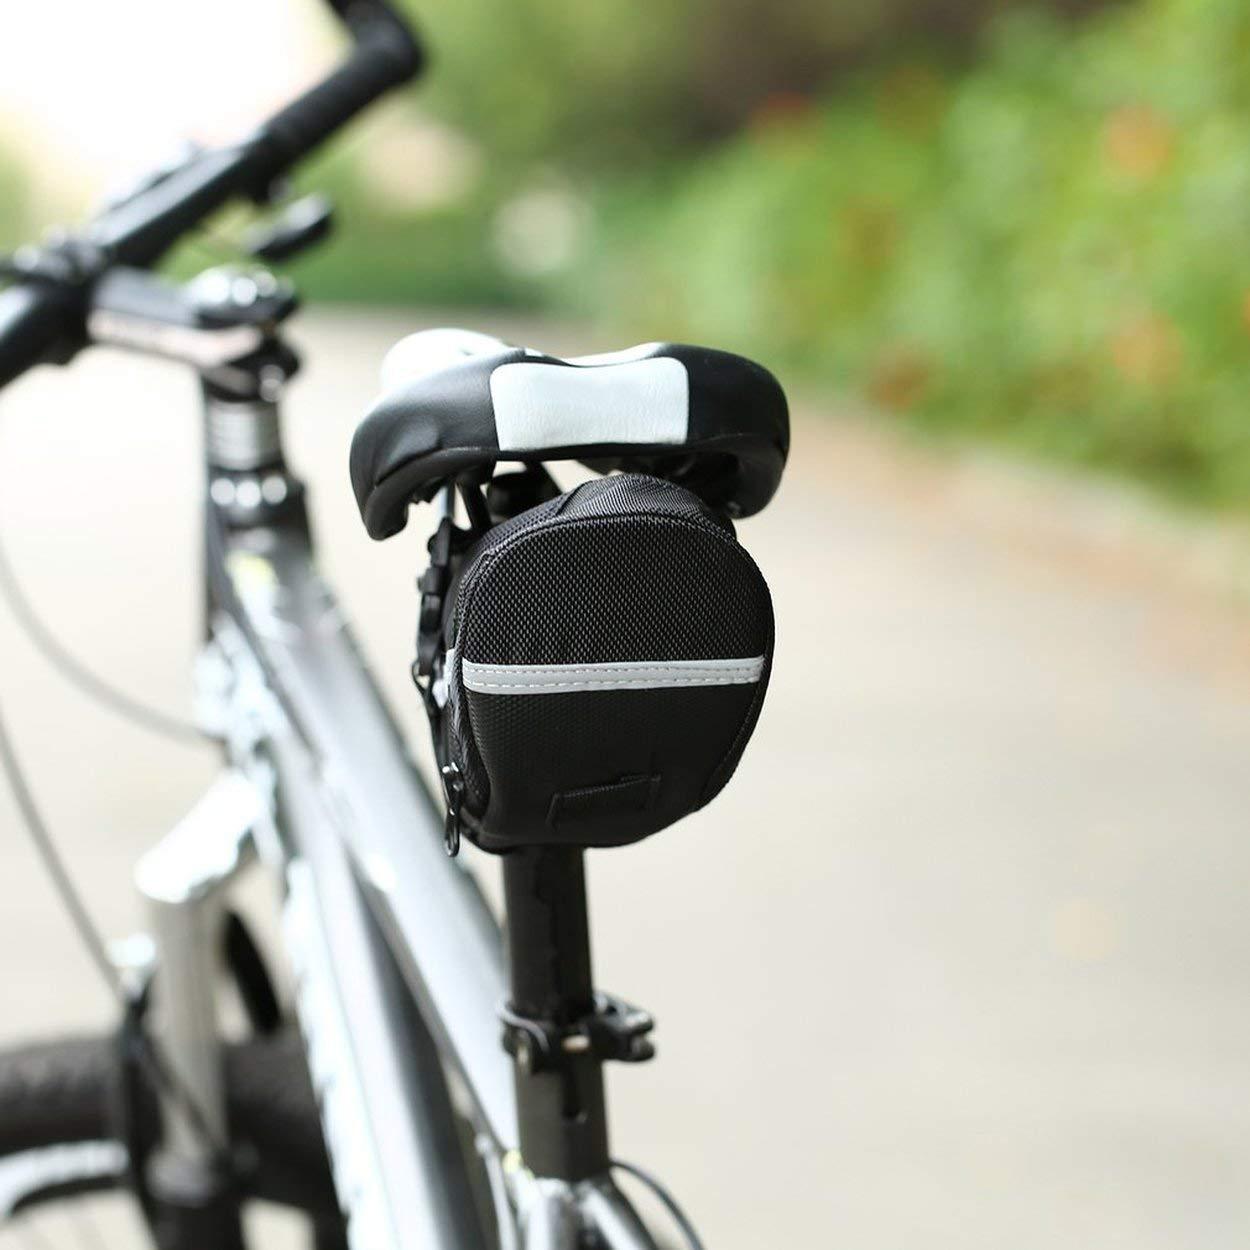 Lorenlli Al Aire Libre a Prueba de Agua de la Bicicleta de monta/ña Bolsa de Asiento Trasero de Nylon Bolsa de Silla de Montar Ciclismo Bolsa de Bicicleta para Bicicletas Cola Bolsa de Mochila